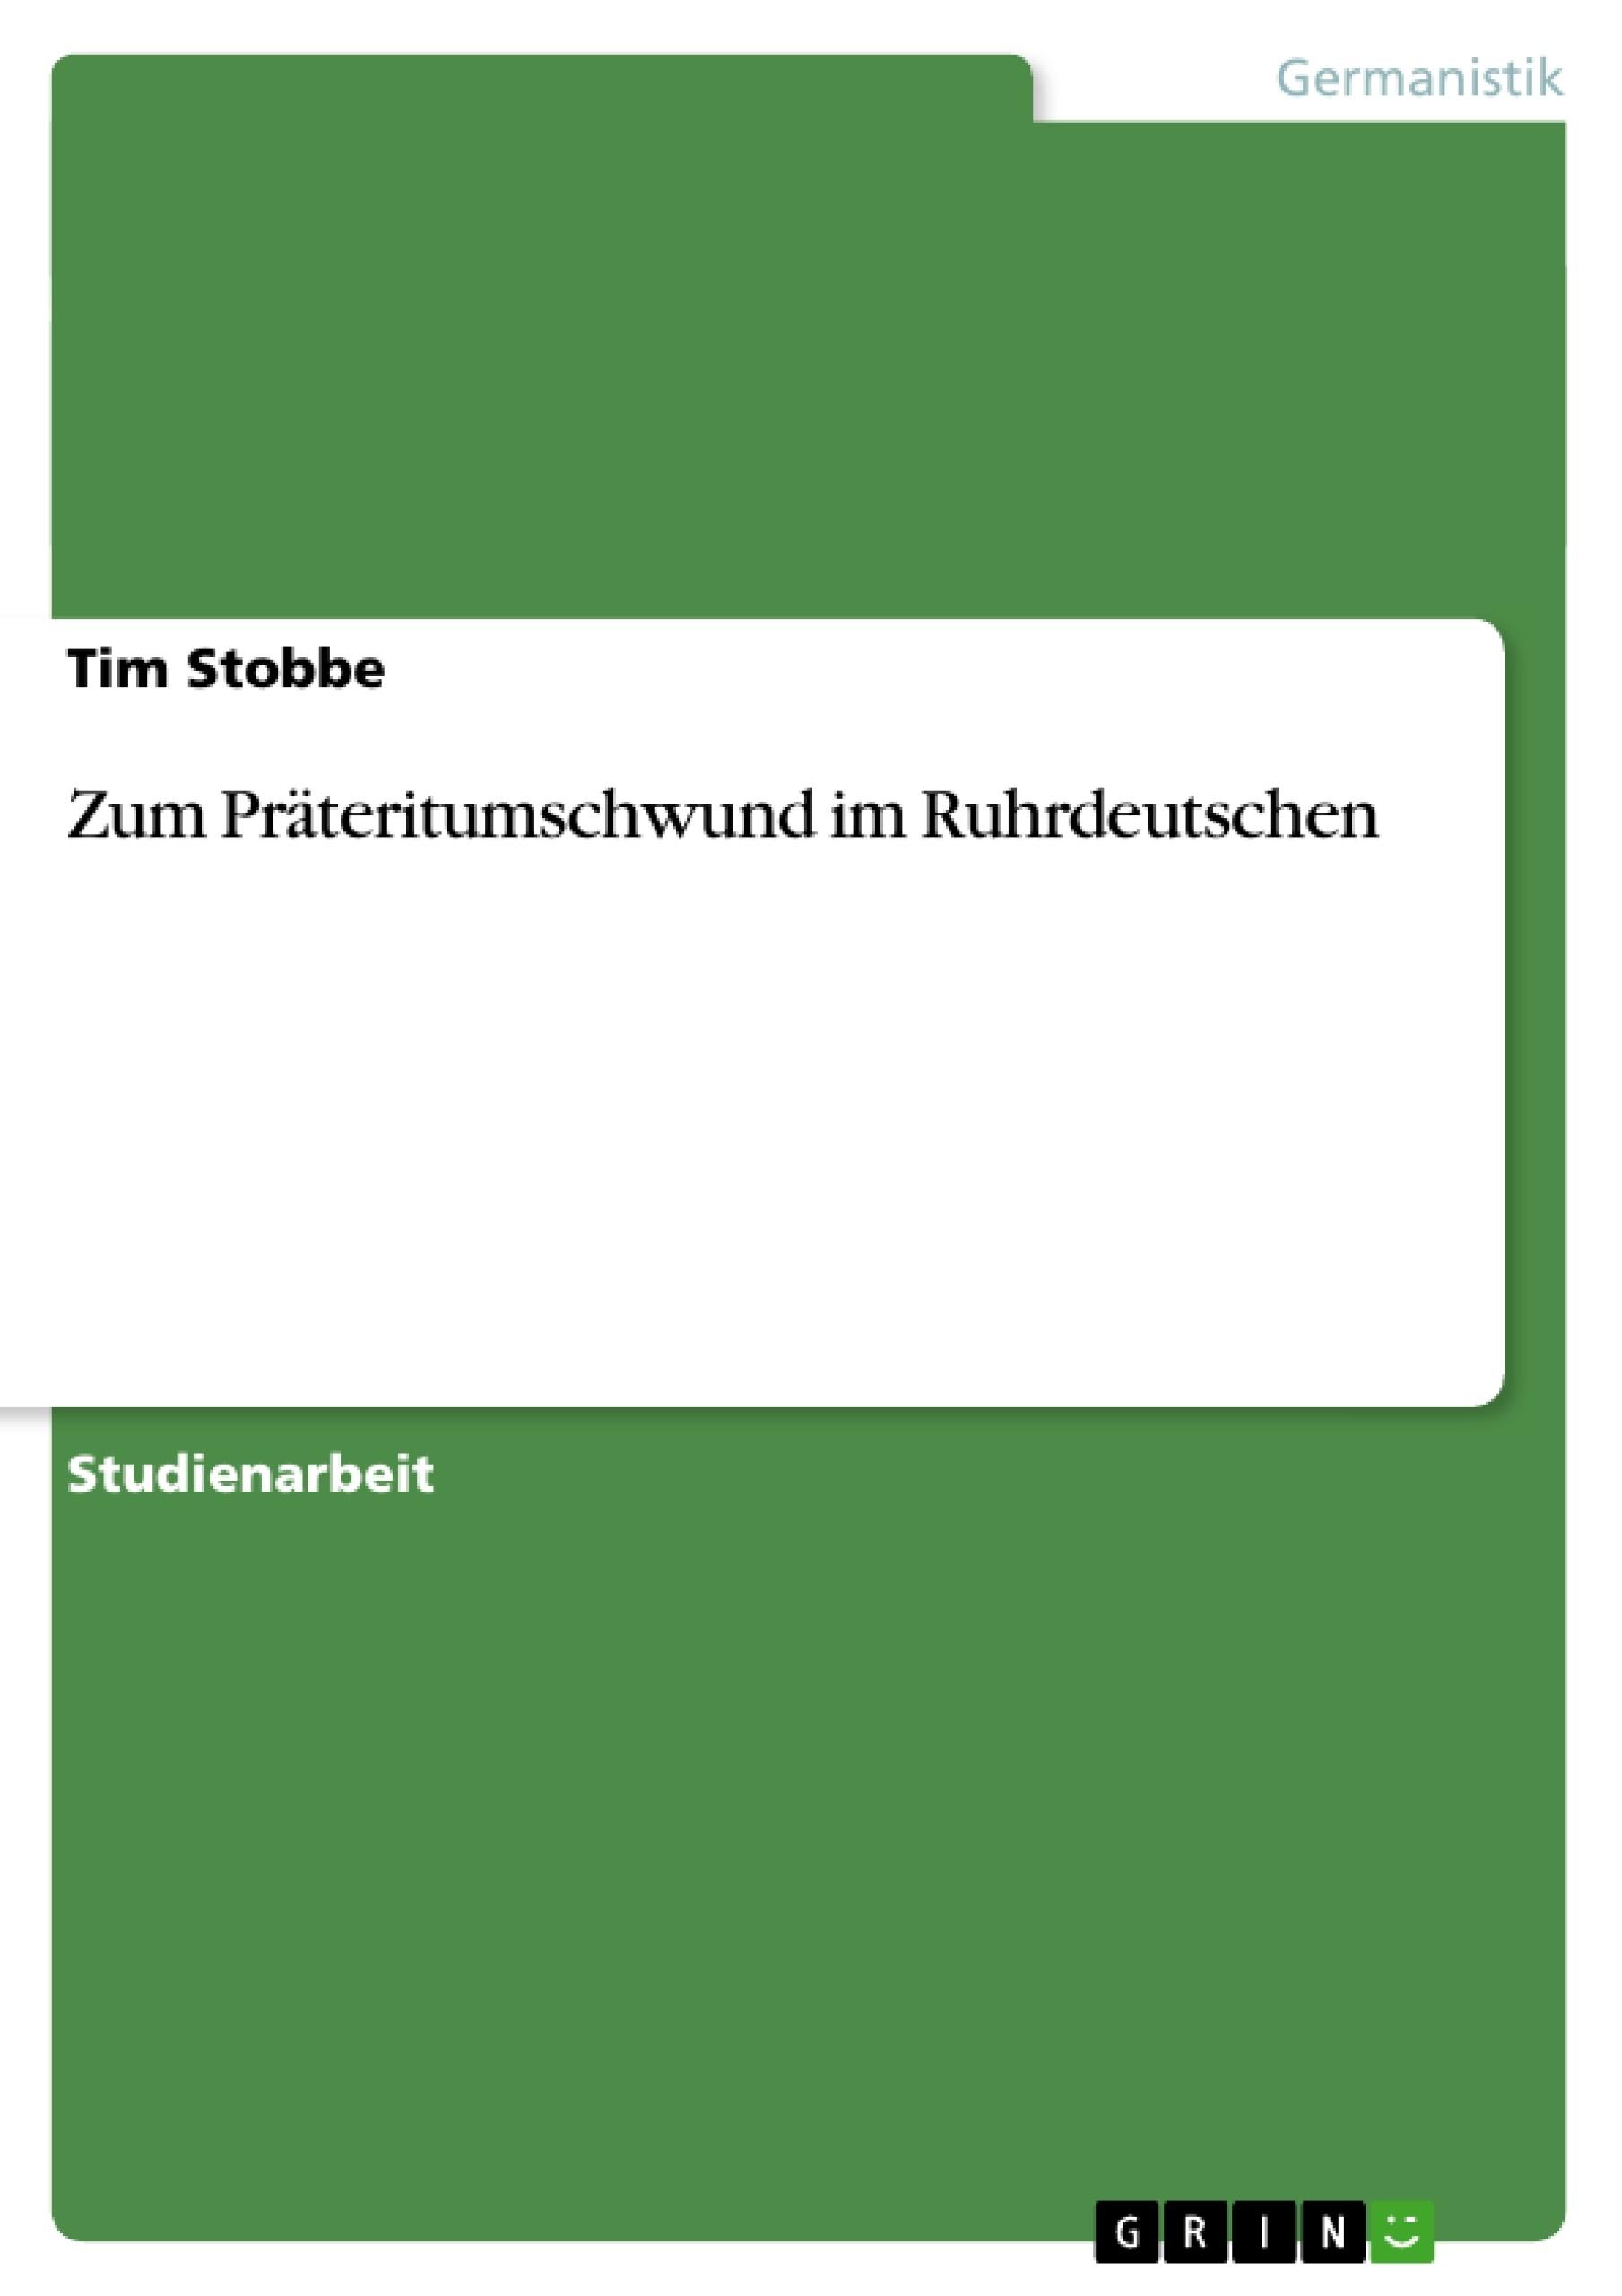 Titel: Zum Präteritumschwund im Ruhrdeutschen